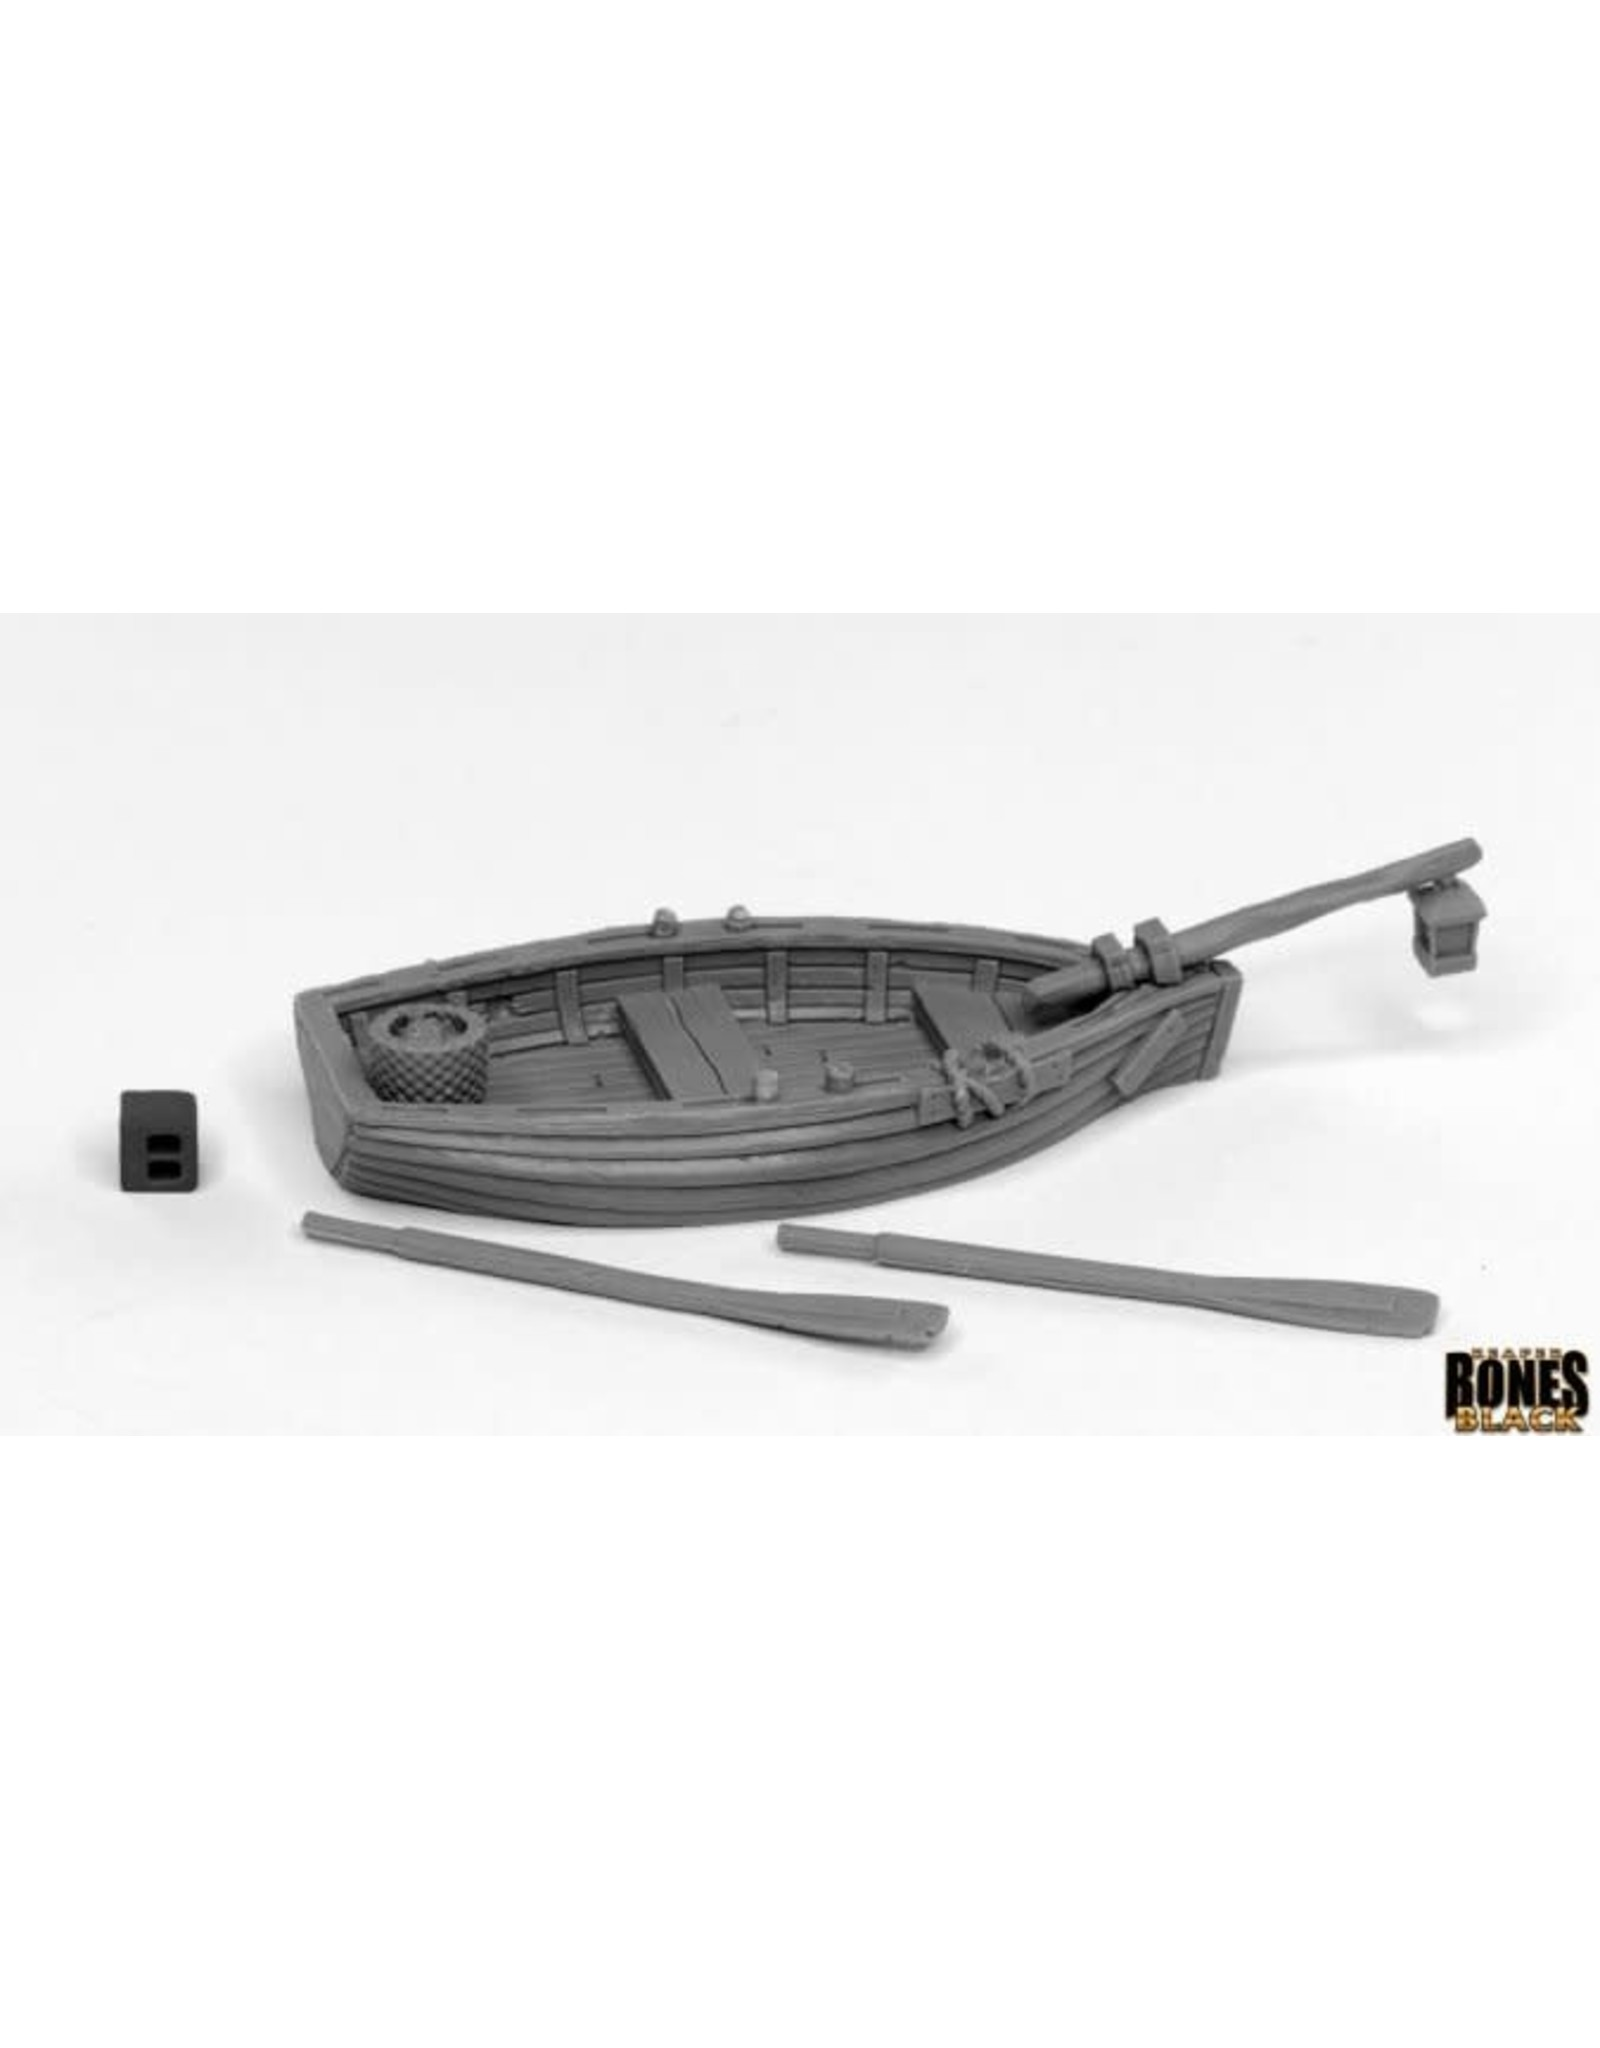 Reaper Miniatures Bones Black: Dreadmere Fishing Boat